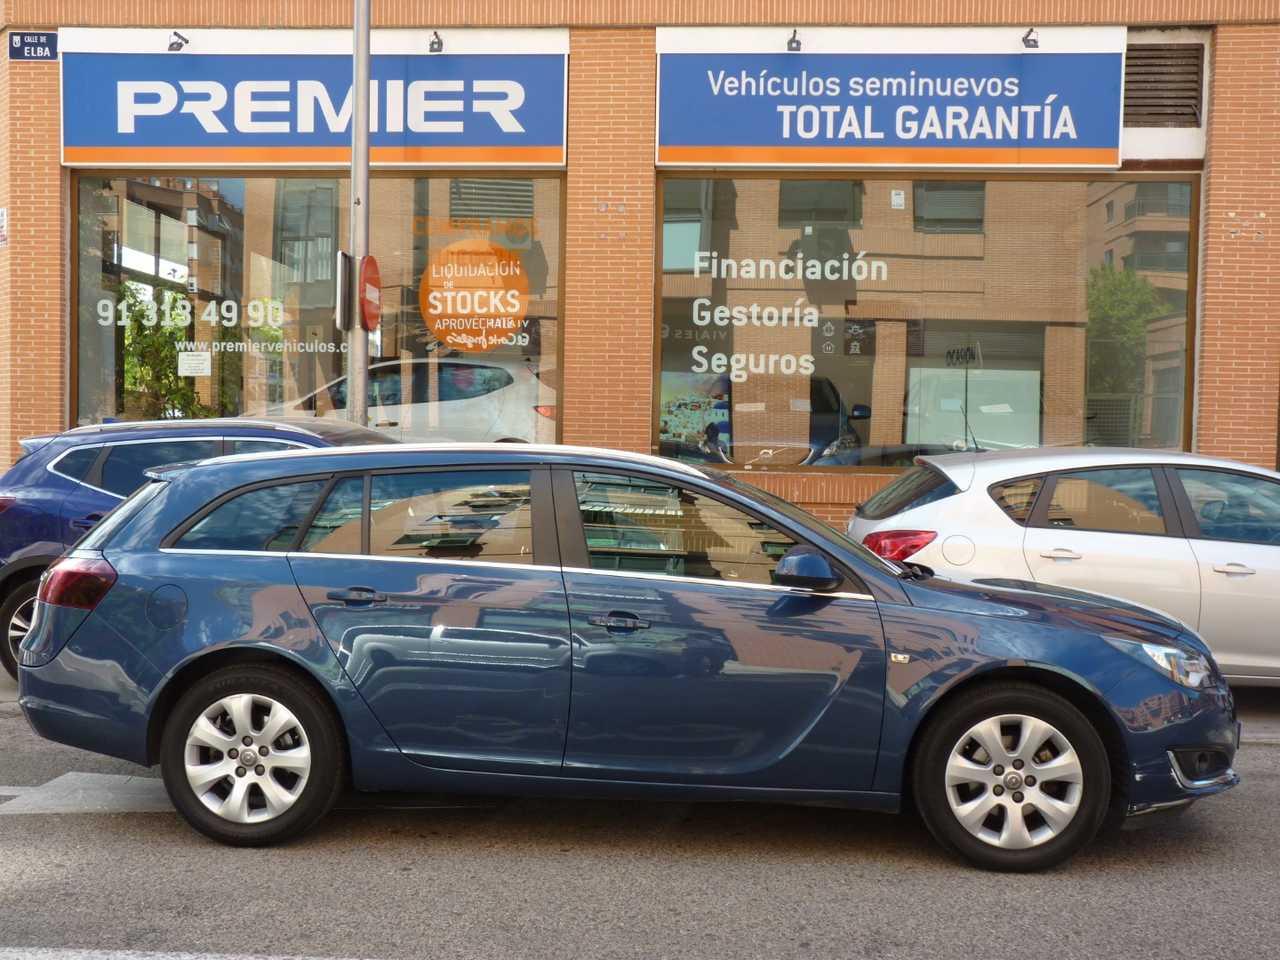 Opel Insignia Sports Tourer 1.6 CDTI BUSSINES 120 CV  - Foto 1